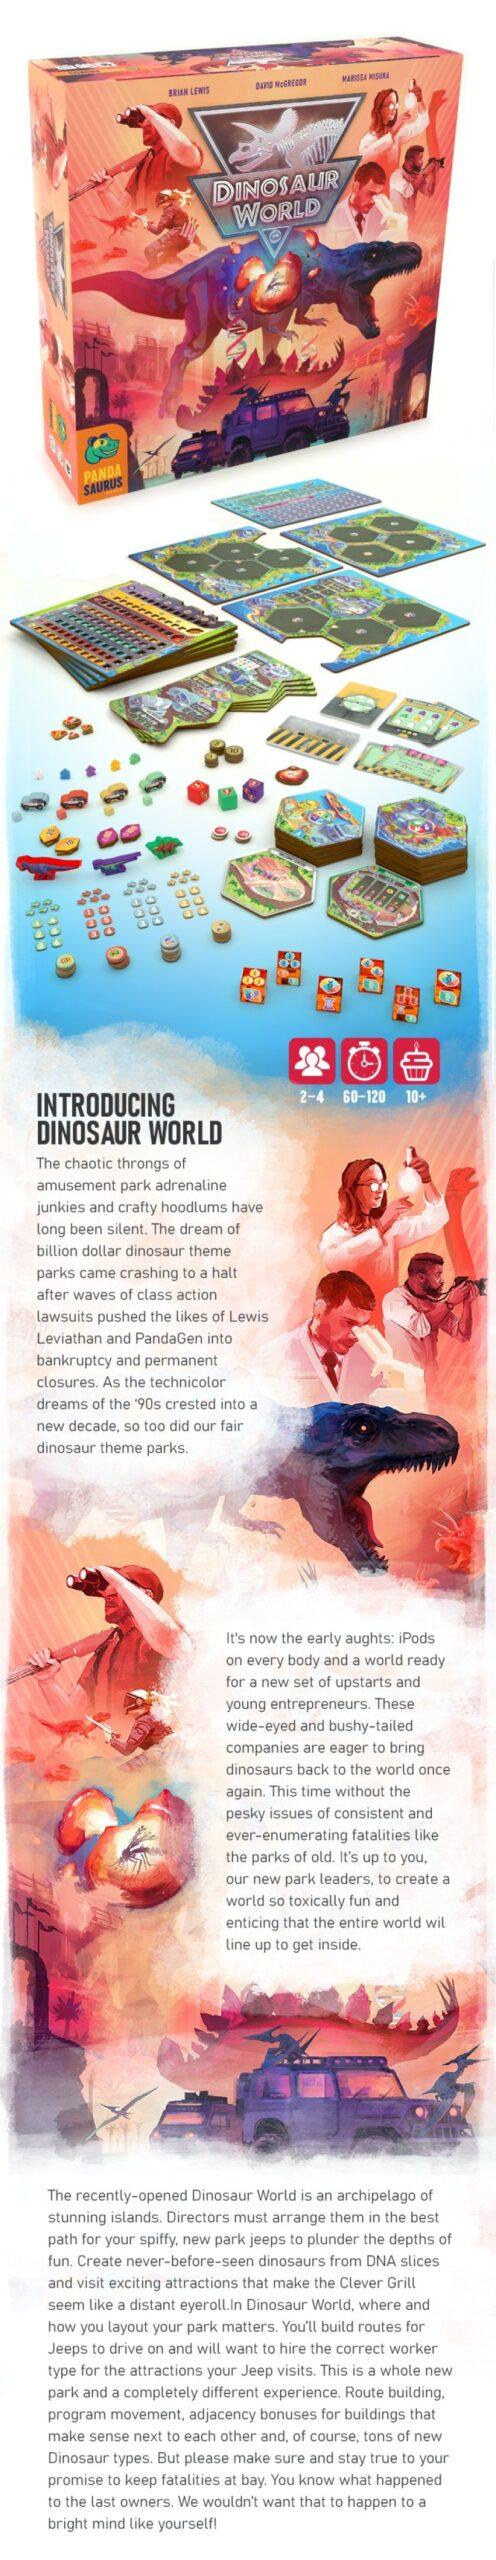 dinosaur world kickstarter